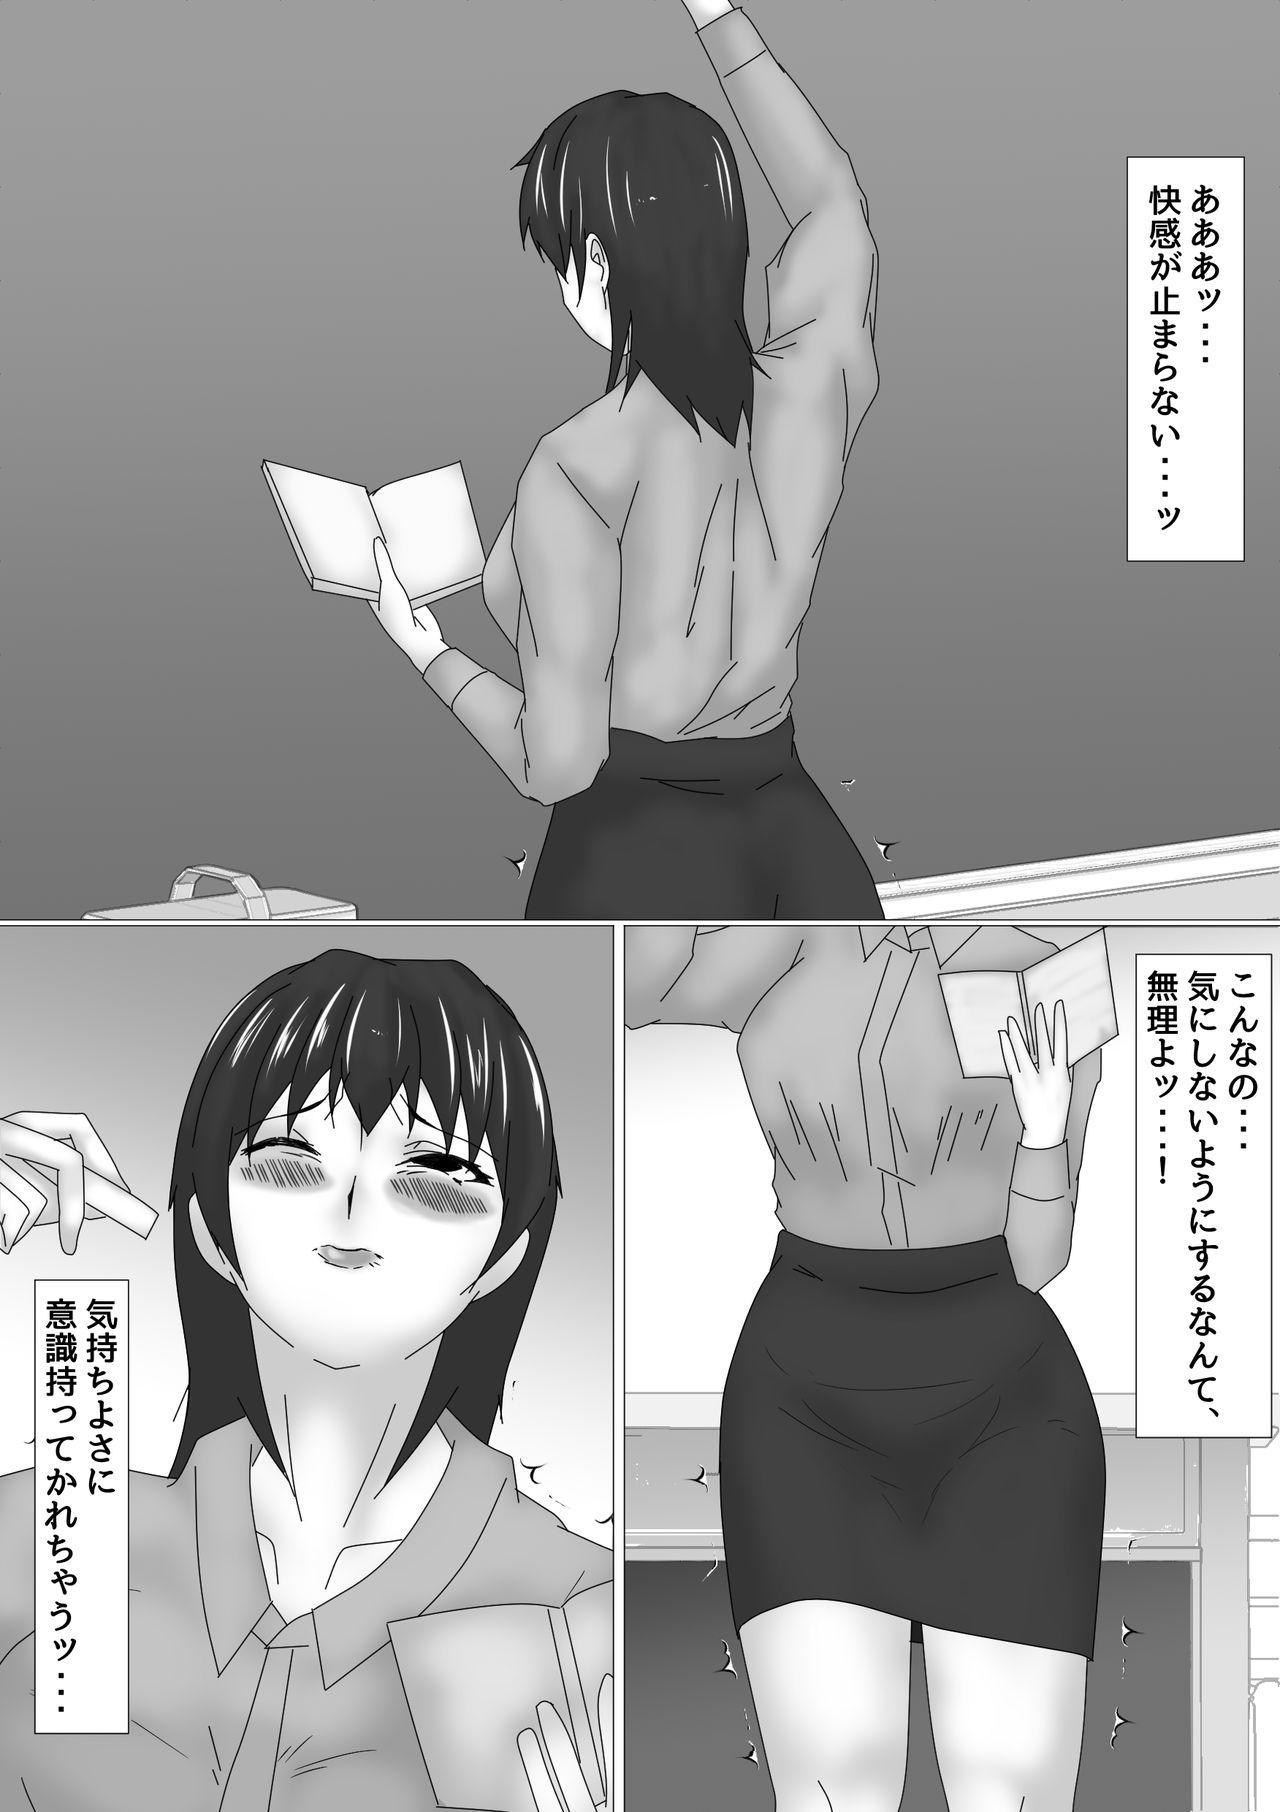 Onna Kyoushi Shinozaki Rin no Choukyou Kiroku 94